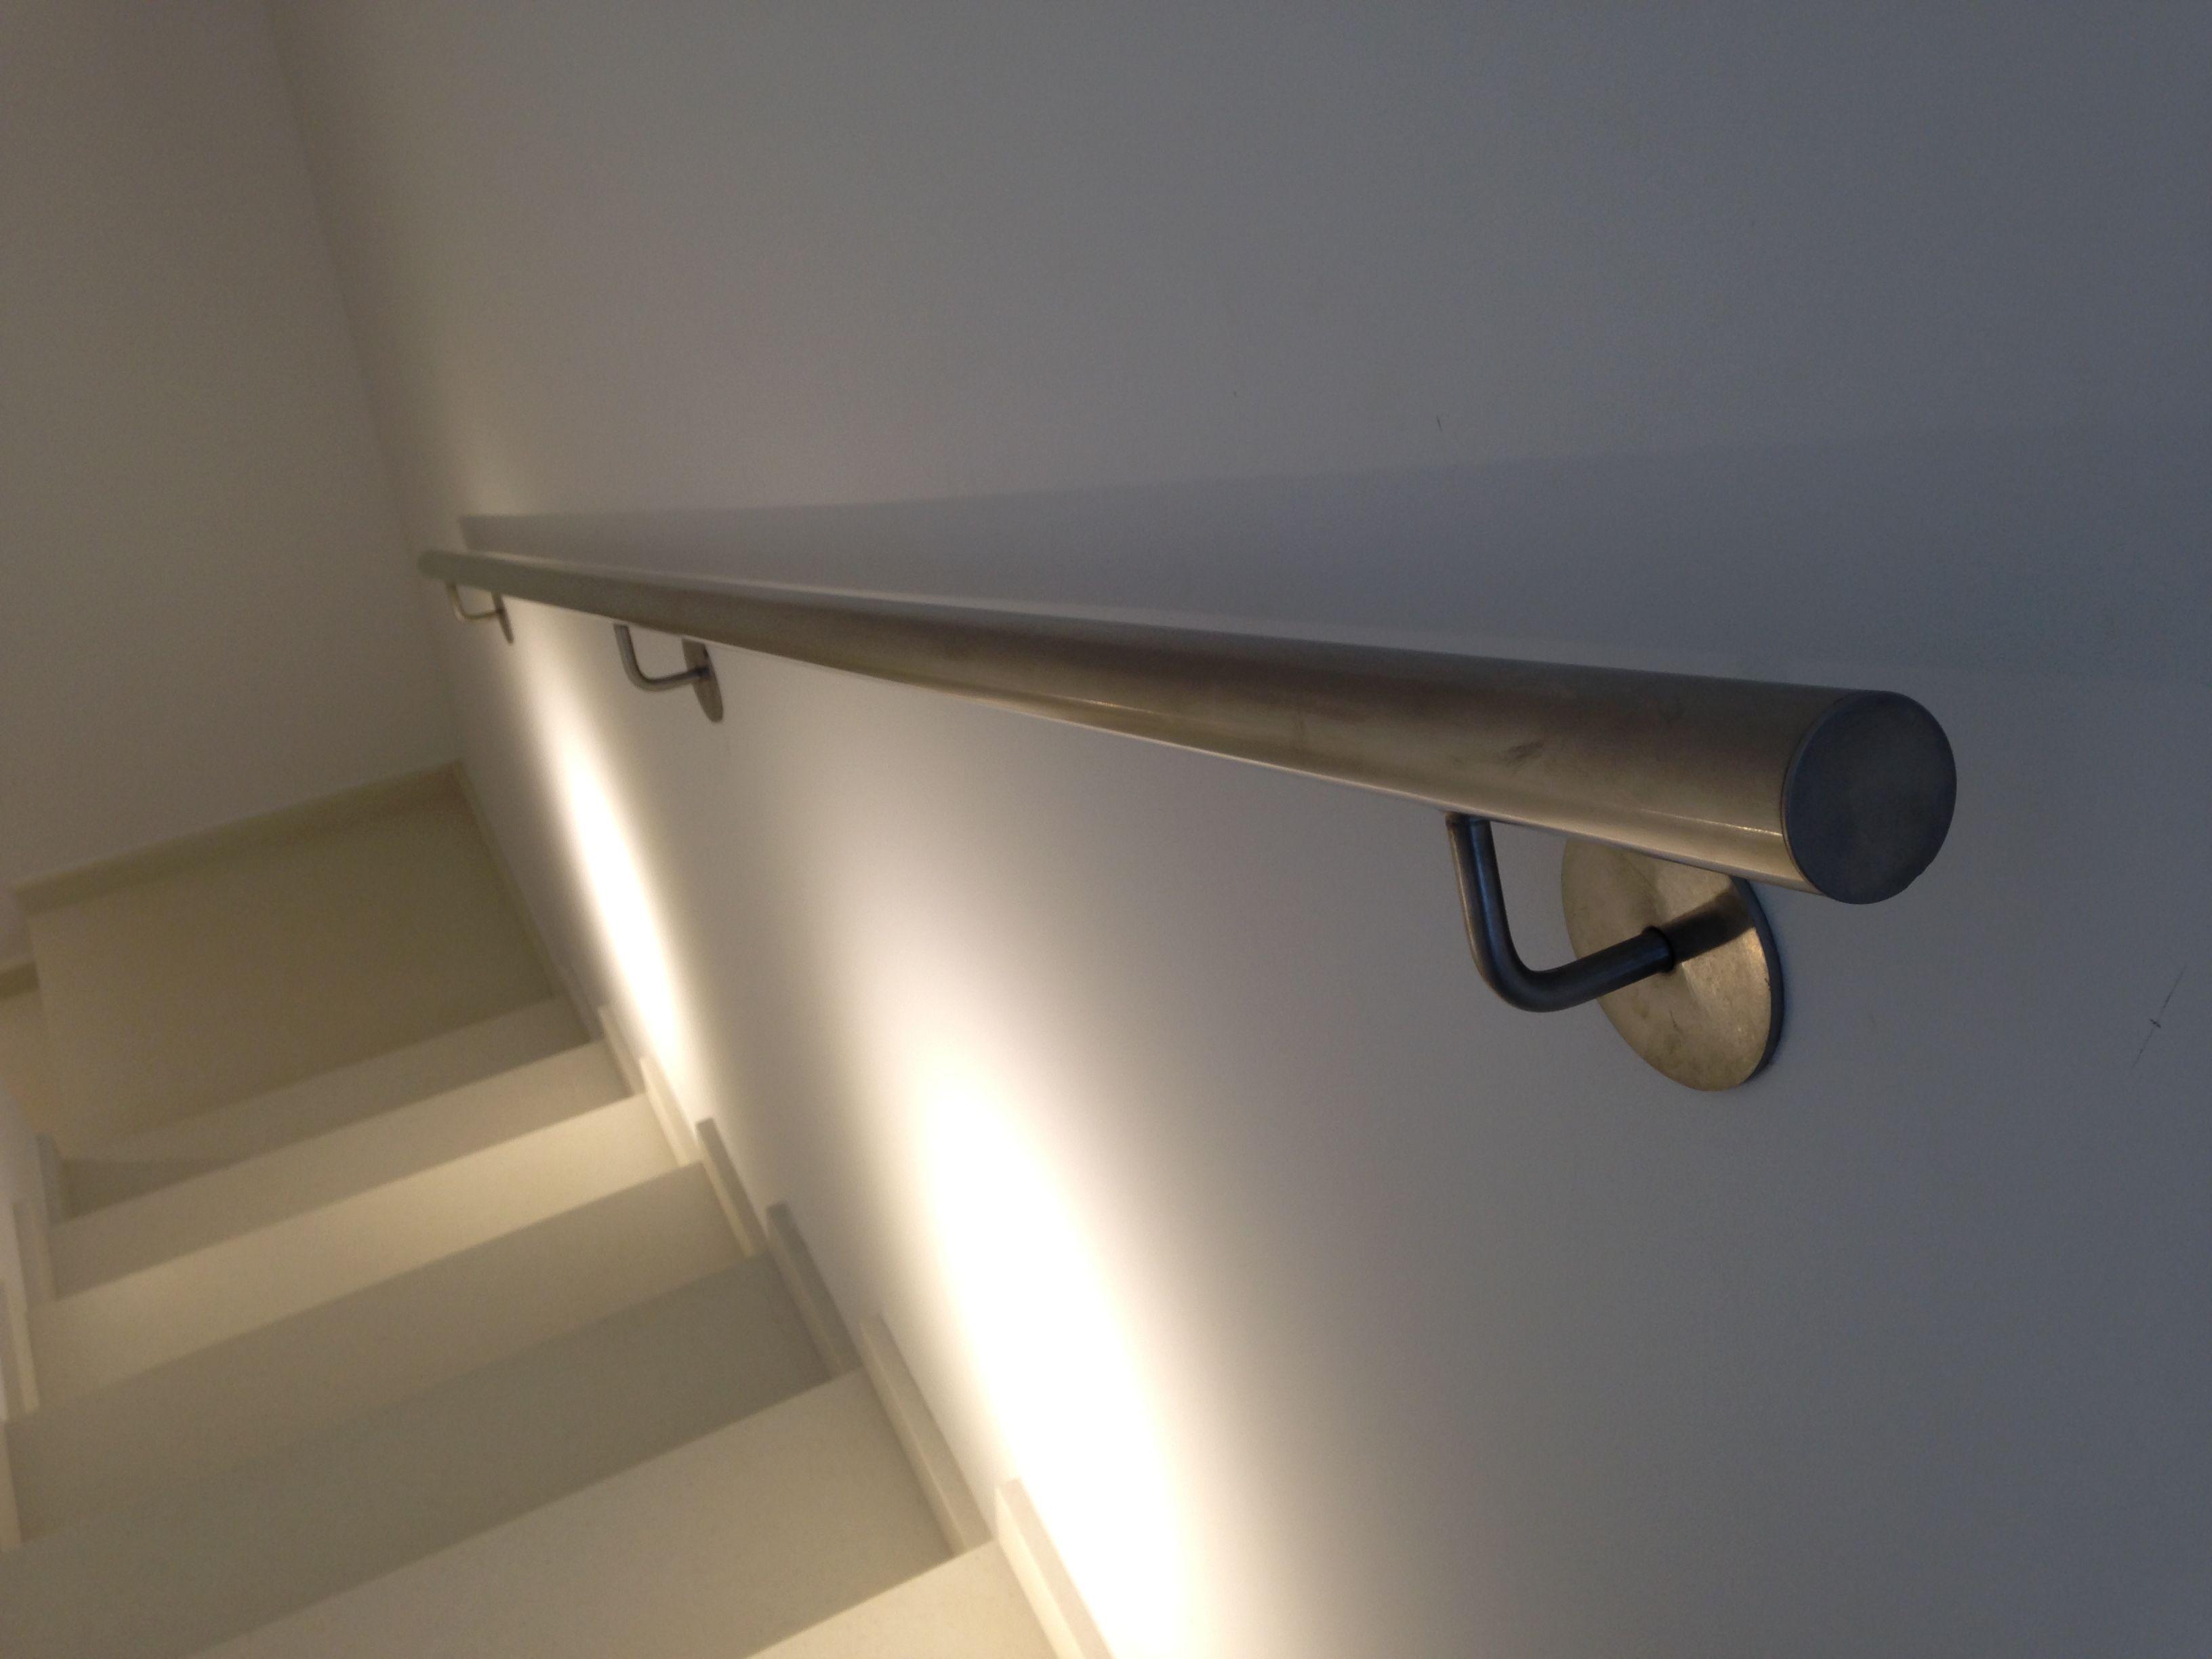 Foto 105 de Carpintería de aluminio, metálica y PVC en Terrassa | Tancaments Cusidó